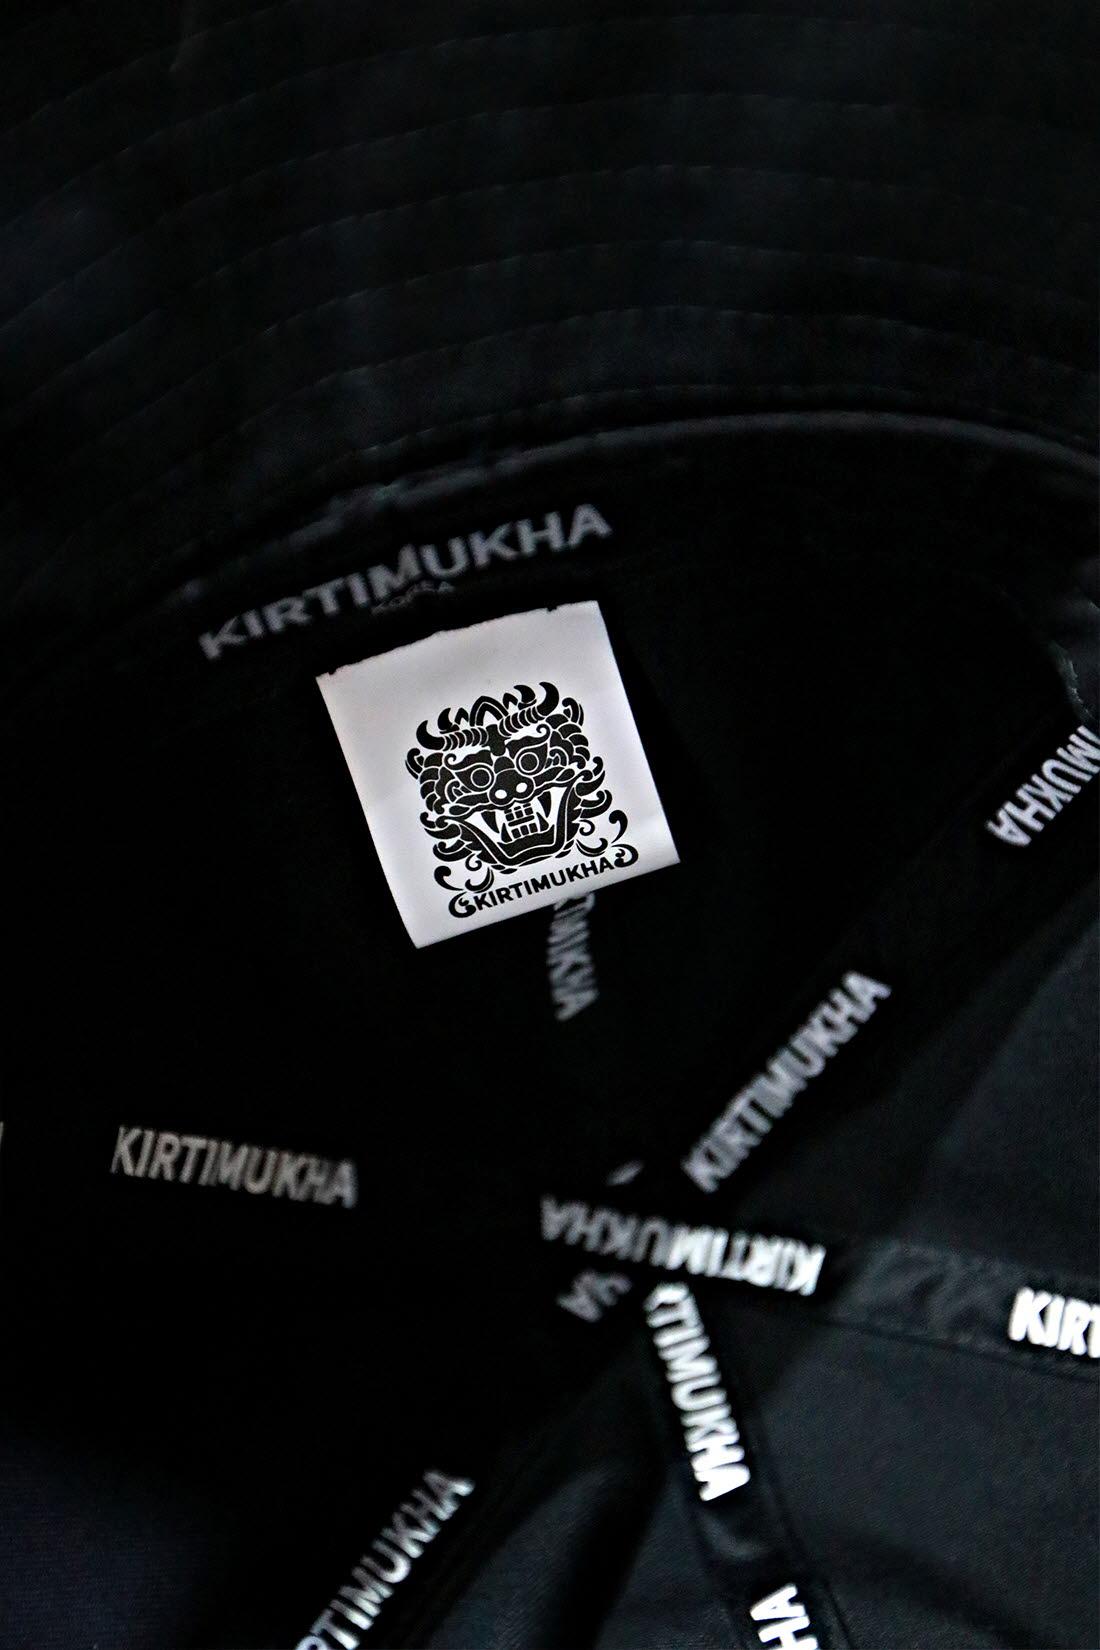 200831aa021.jpg